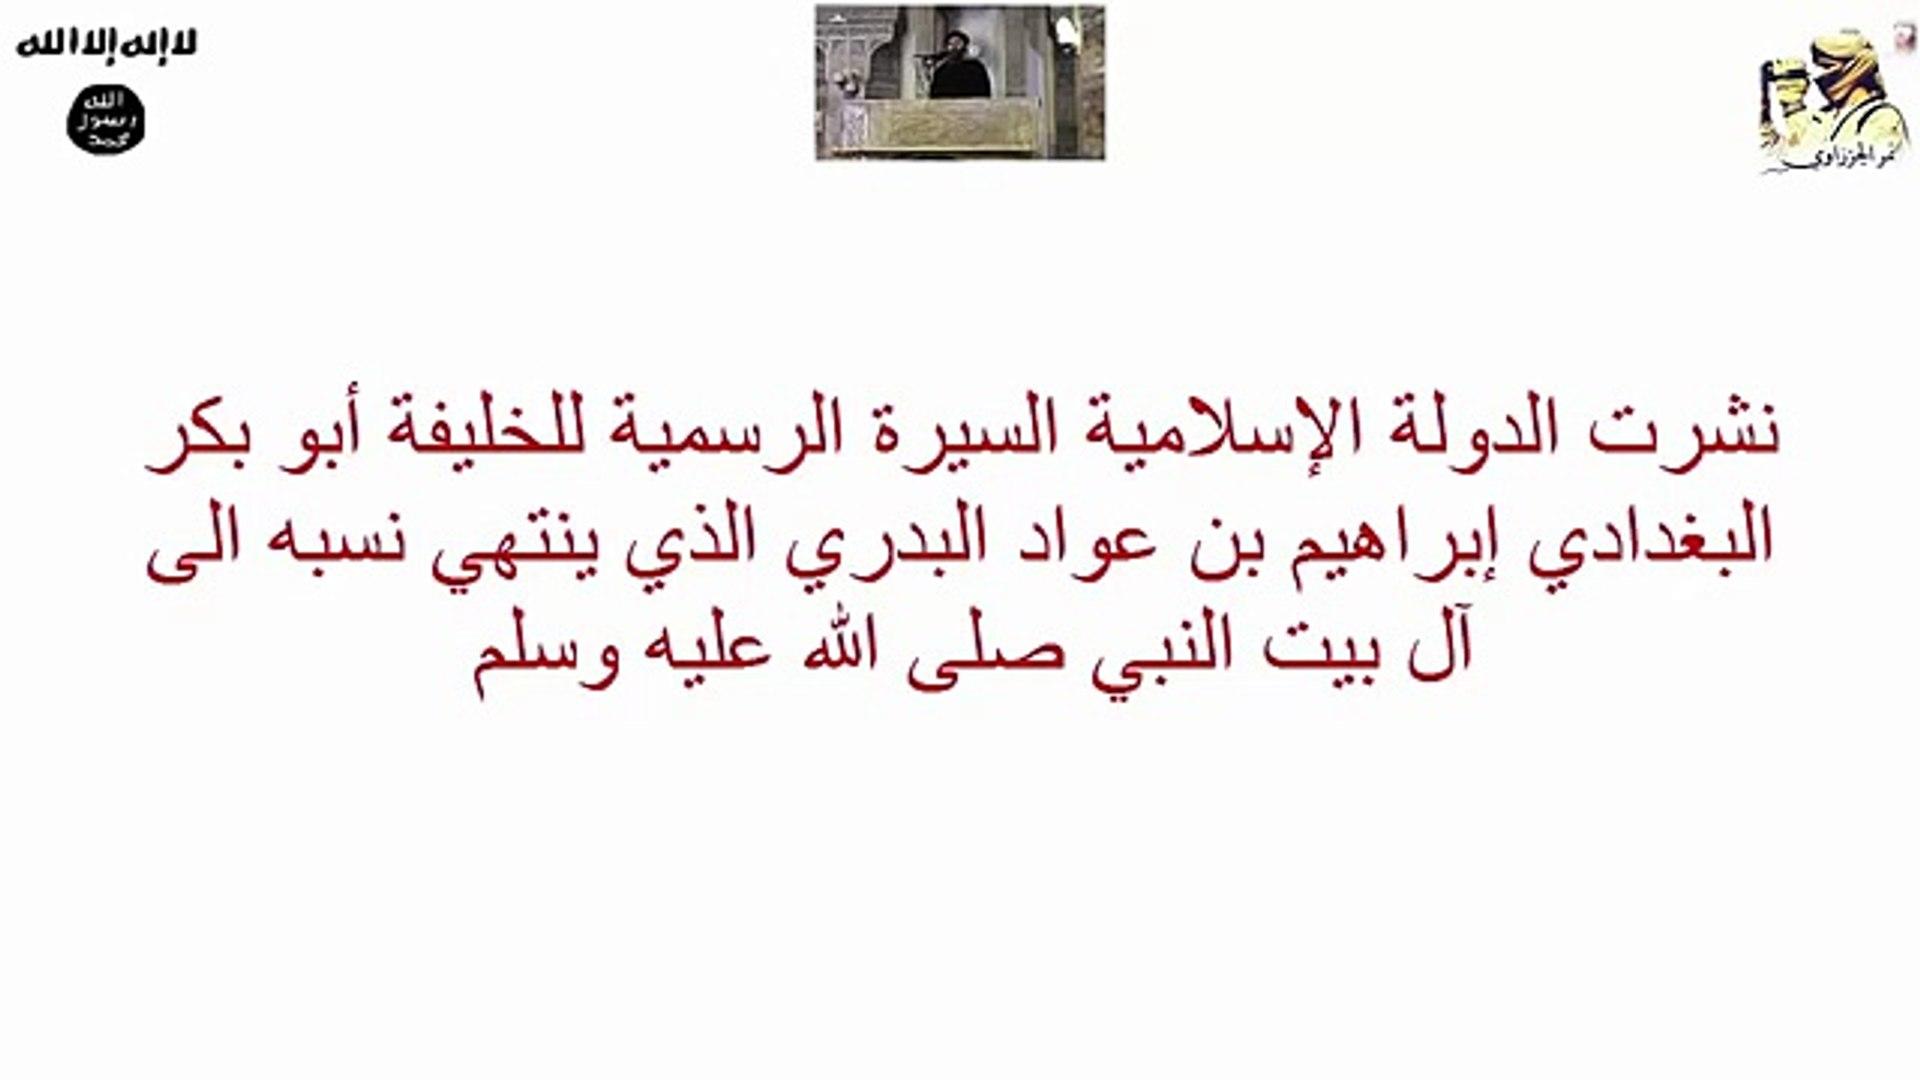 خليفة المسلمين ابوبكر البغدادي سيرة ذاتيهه فيديو Dailymotion